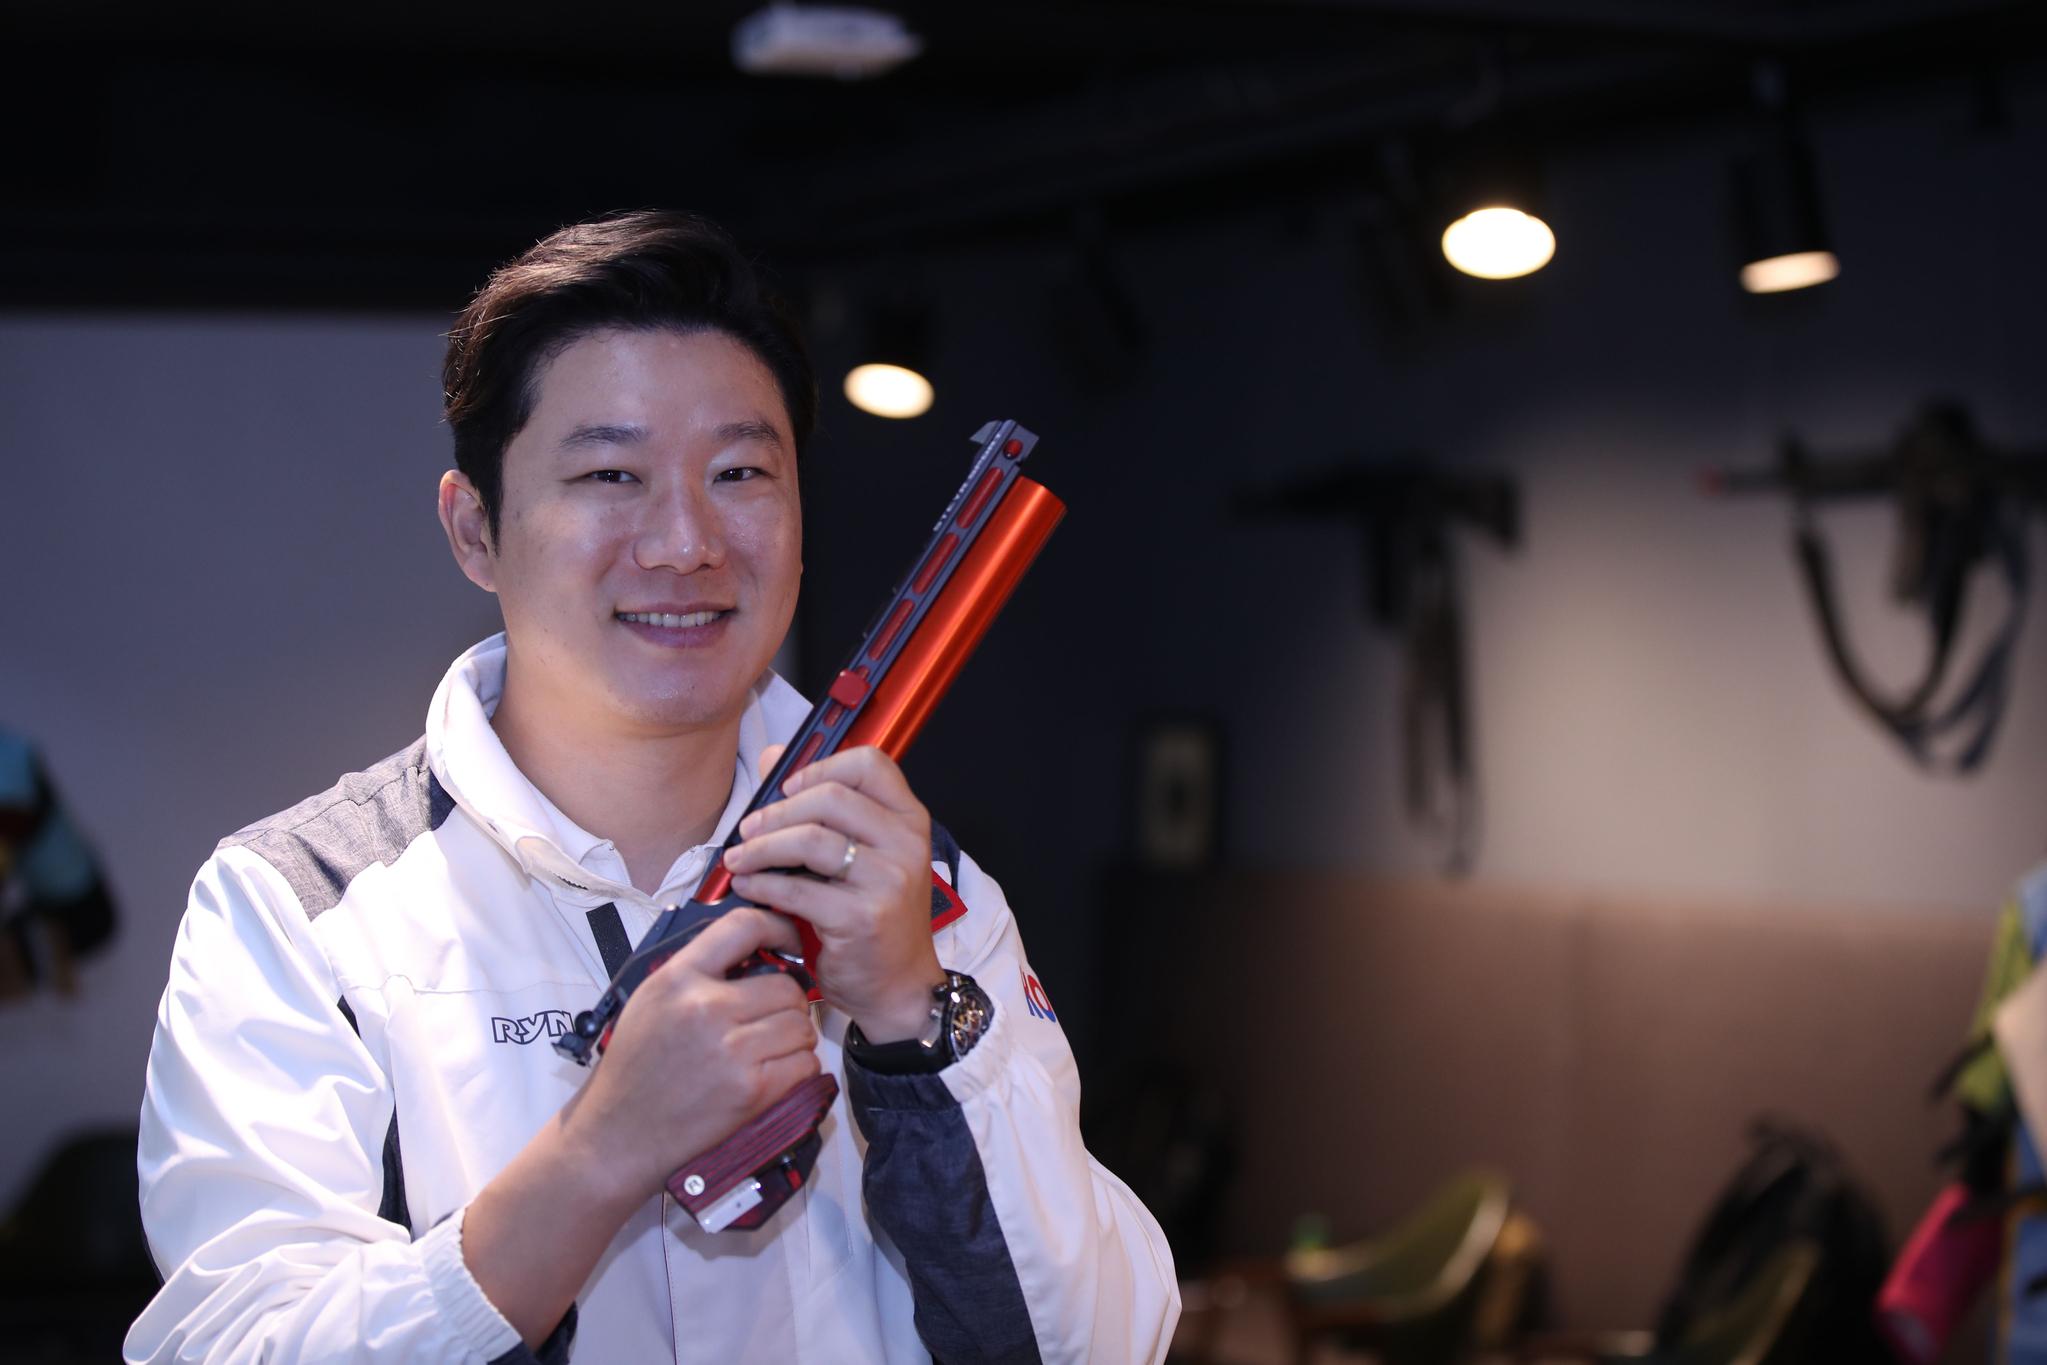 비비탄 총으로 파리를 잡아 화제가 된 진종오. 그는 세상에 하나뿐인 총으로 내년 도쿄에서 5번째 올림픽 금메달에 도전한다. 오종택 기자